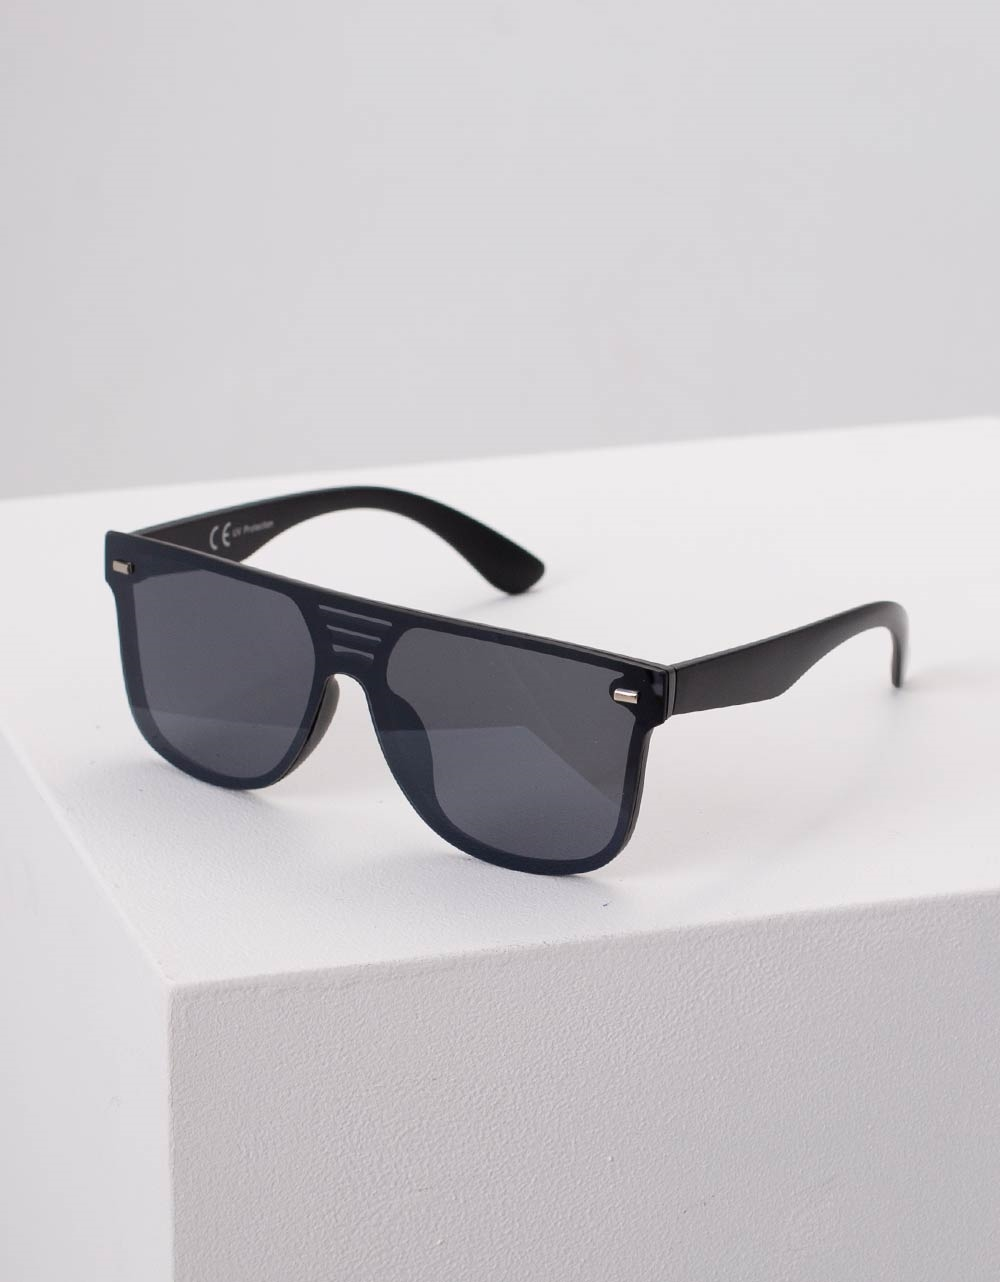 Εικόνα από Γυναικεία γυαλιά ηλίου με λεπτομέρεια Μαύρο